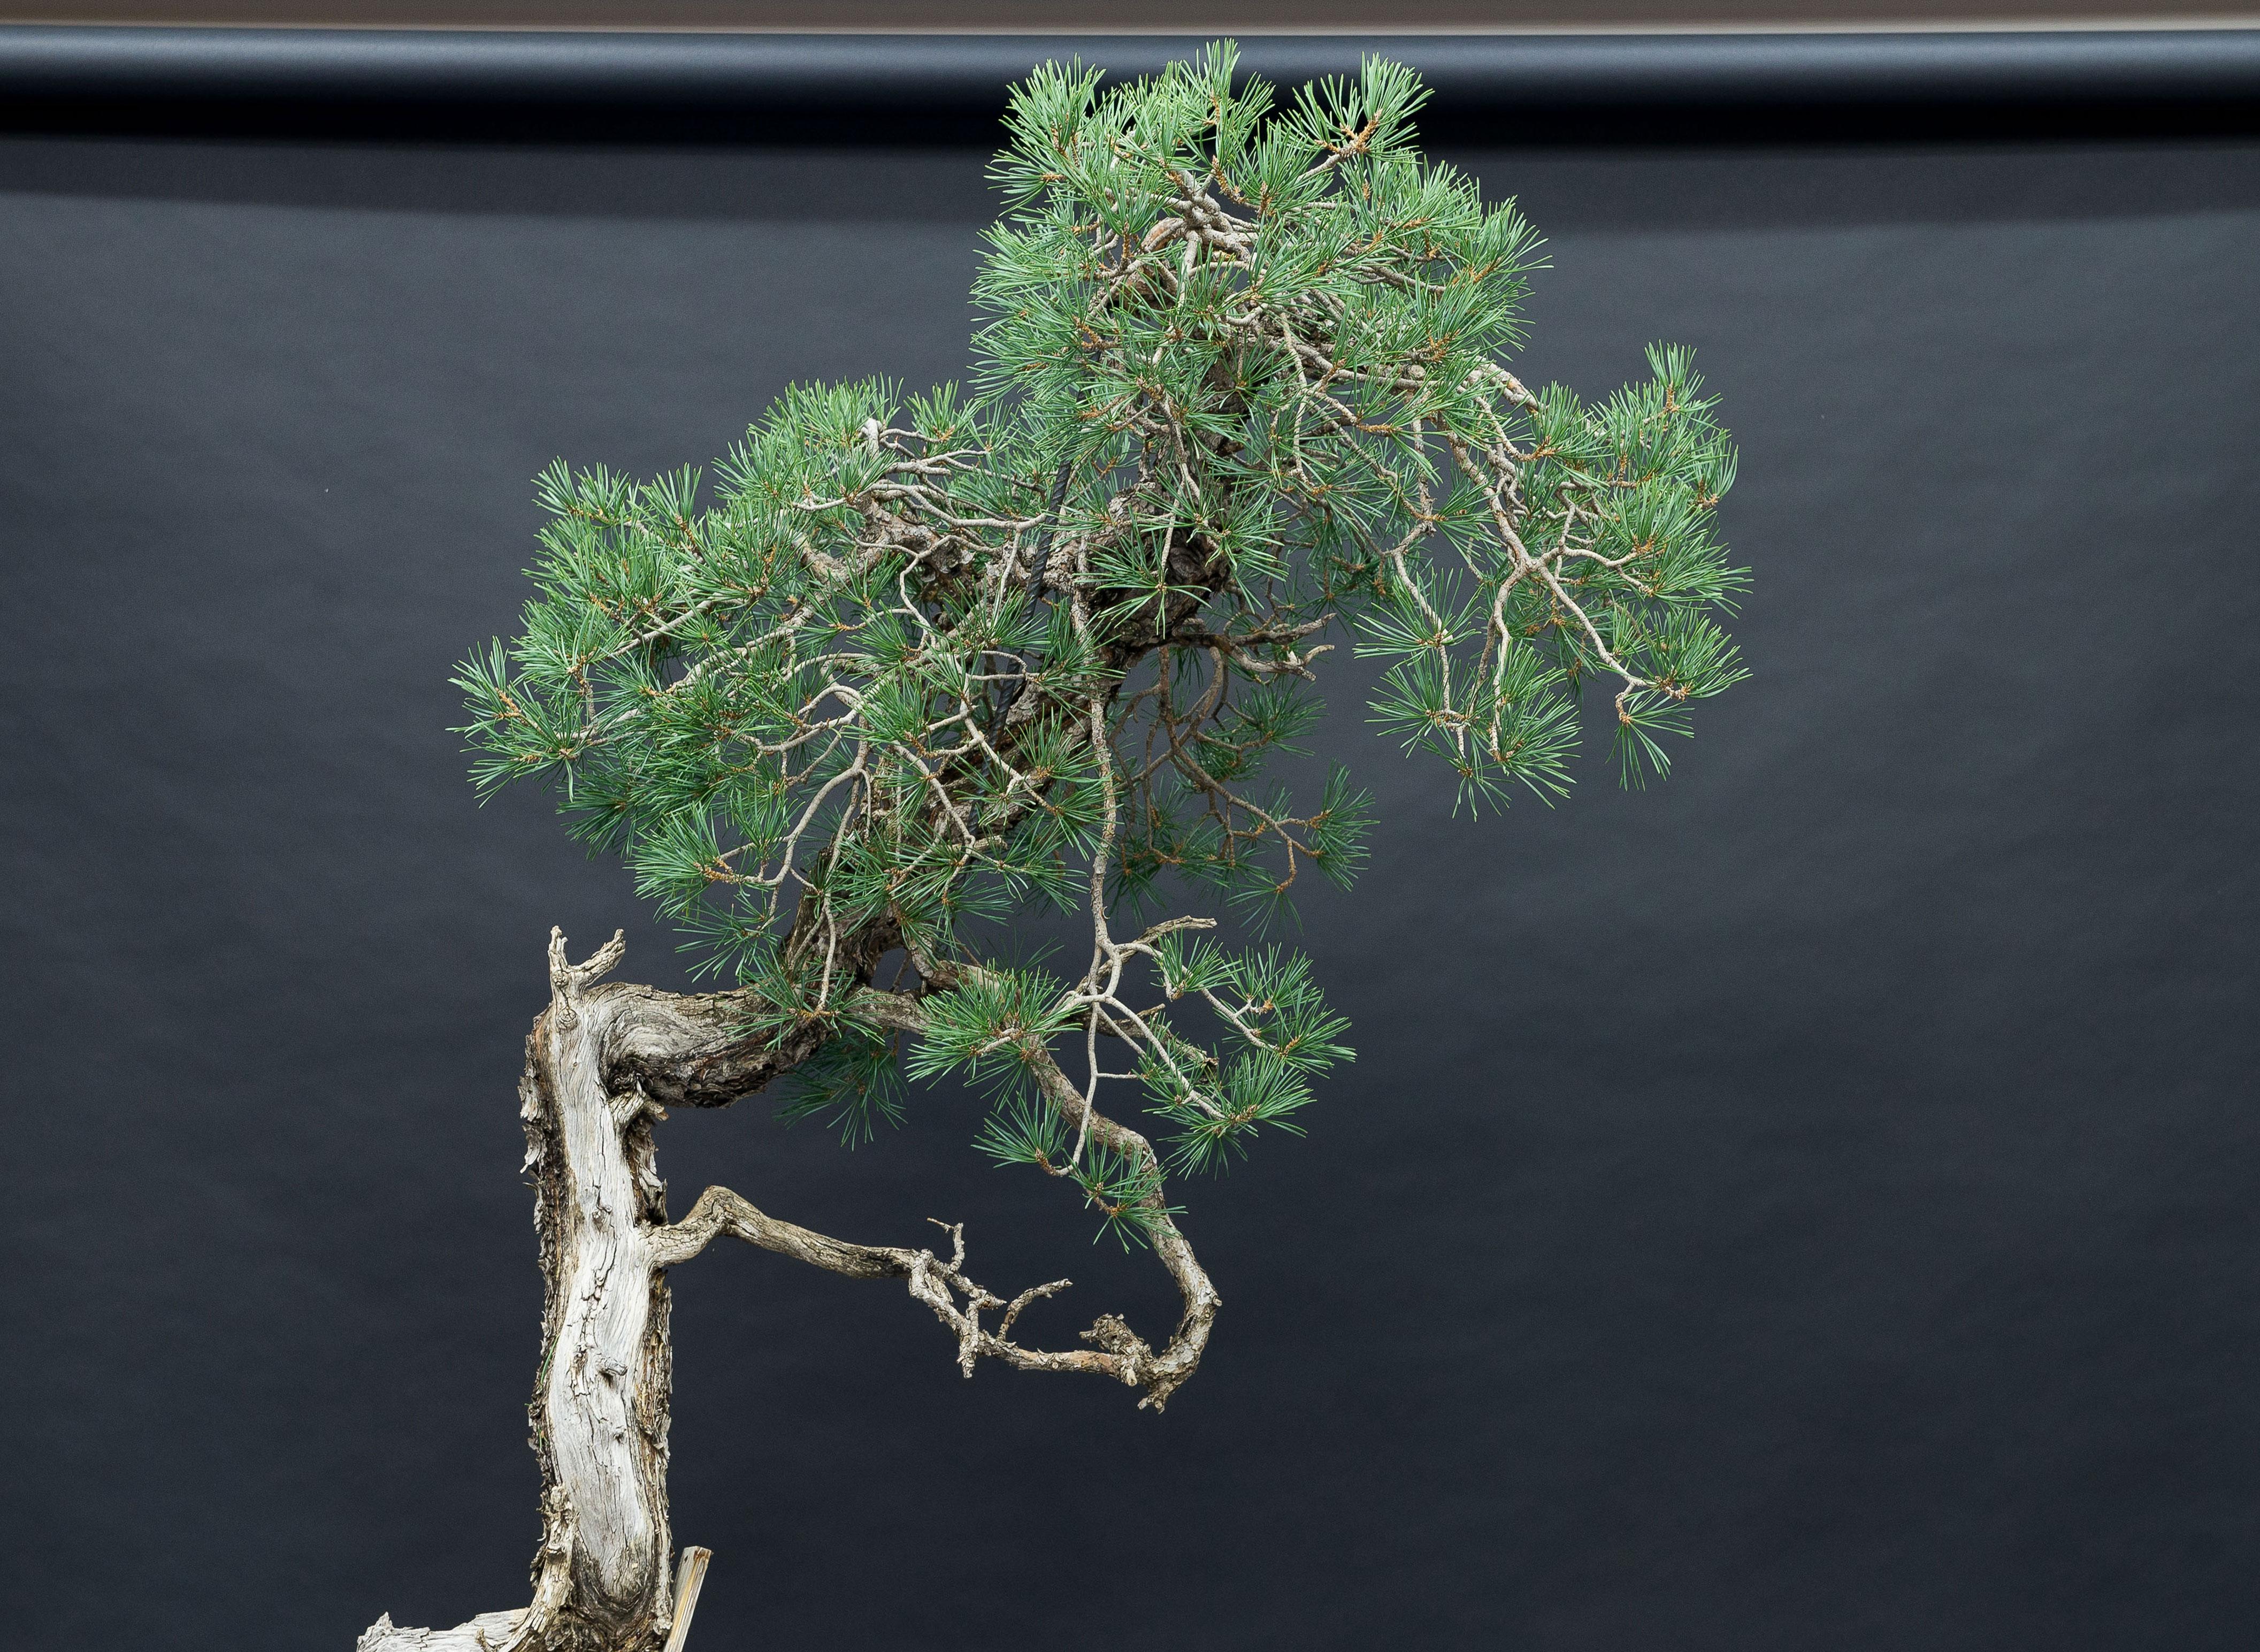 detalle de las ramas de pino bunjin de mario komsta